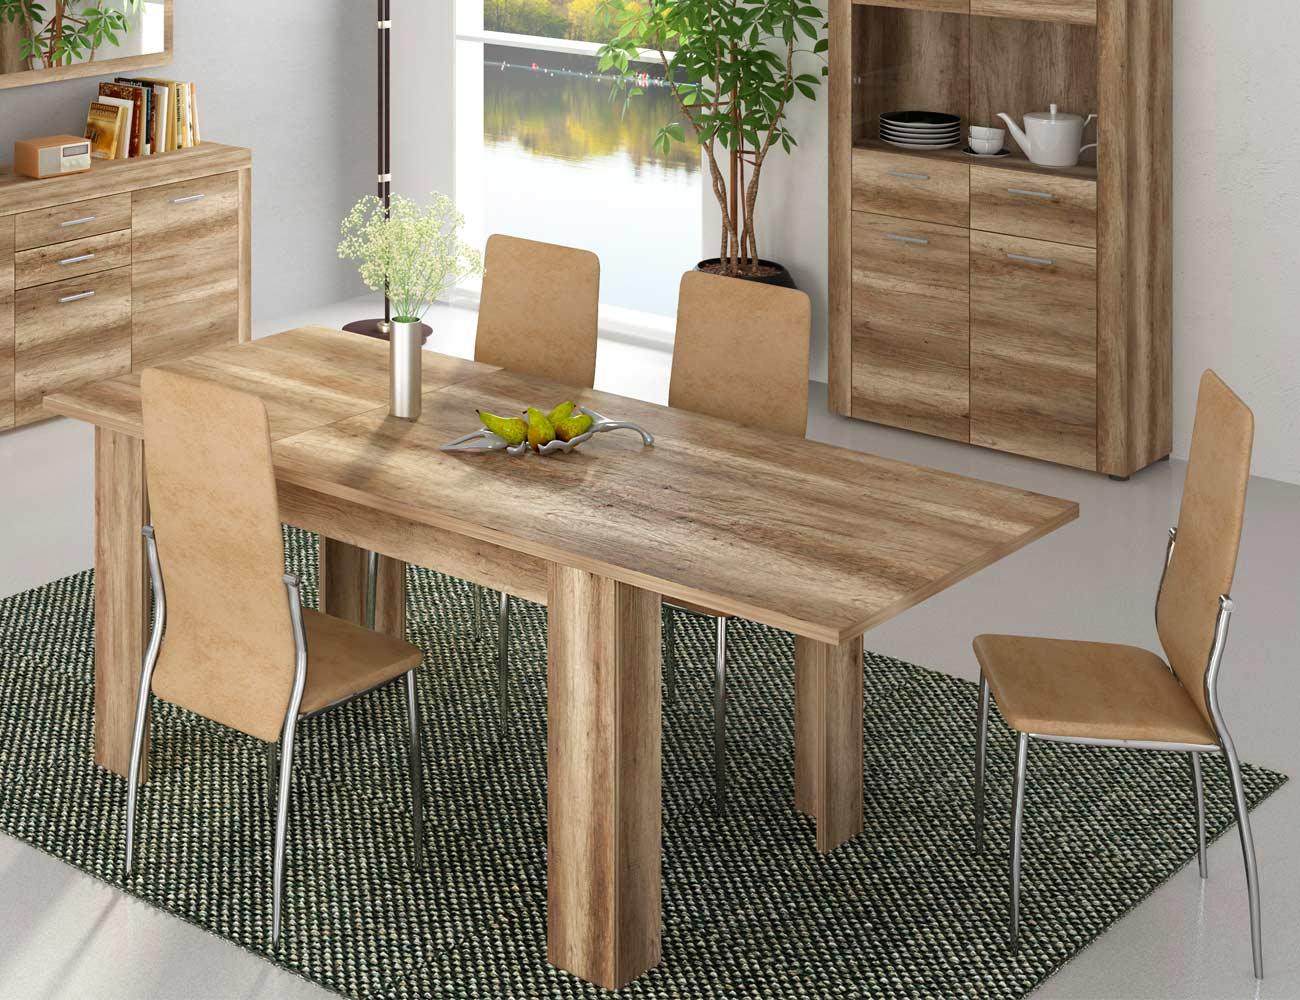 Conjunto mesa comedor extensible color cañon 4 sillas tapizada tela jarama beig